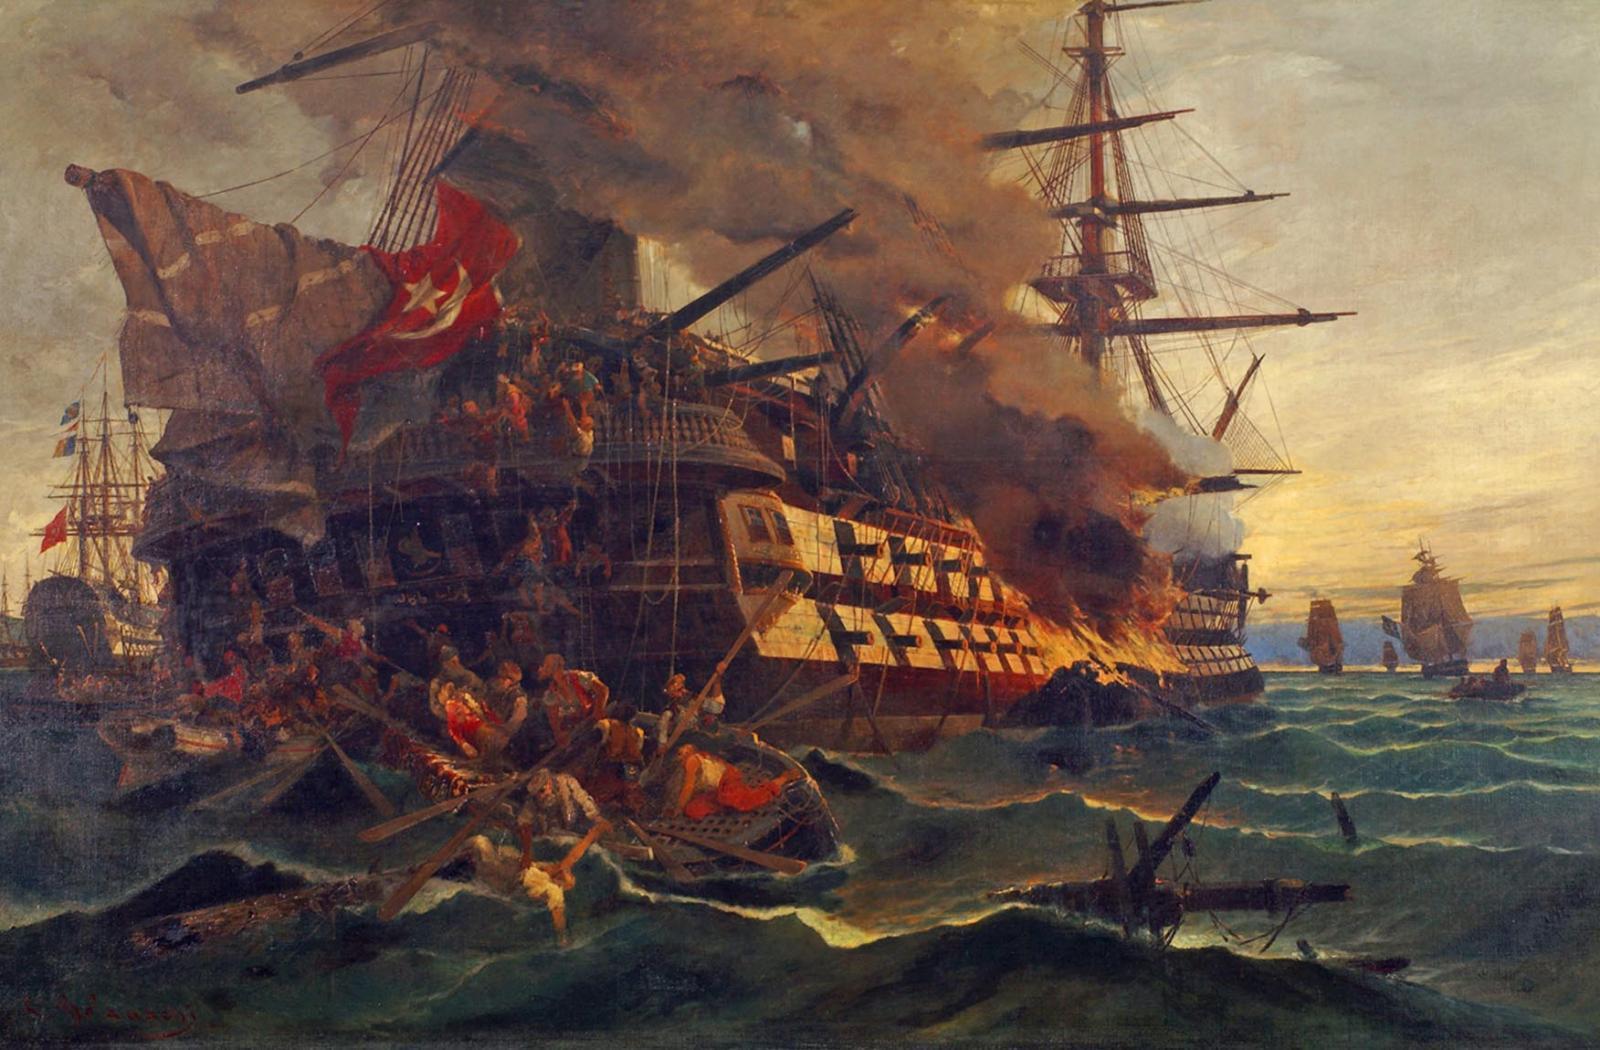 Ναυτικό Μουσείο Ελλάδας